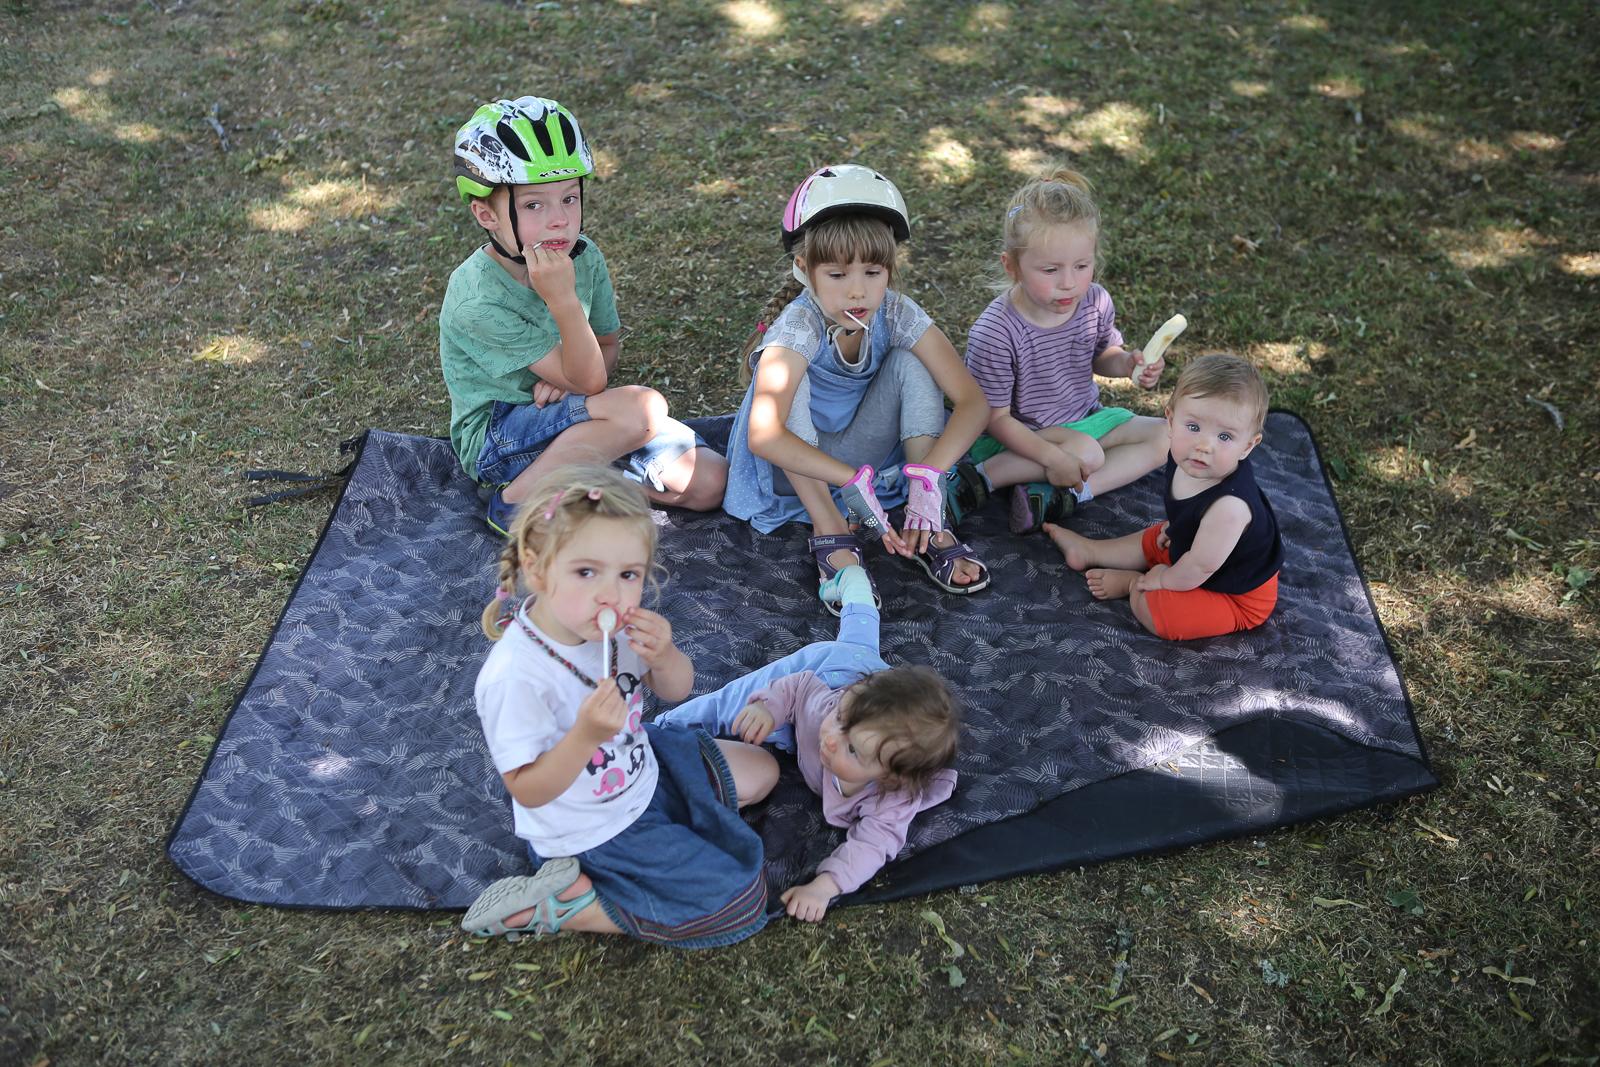 rowery rodzinnie szwecja006